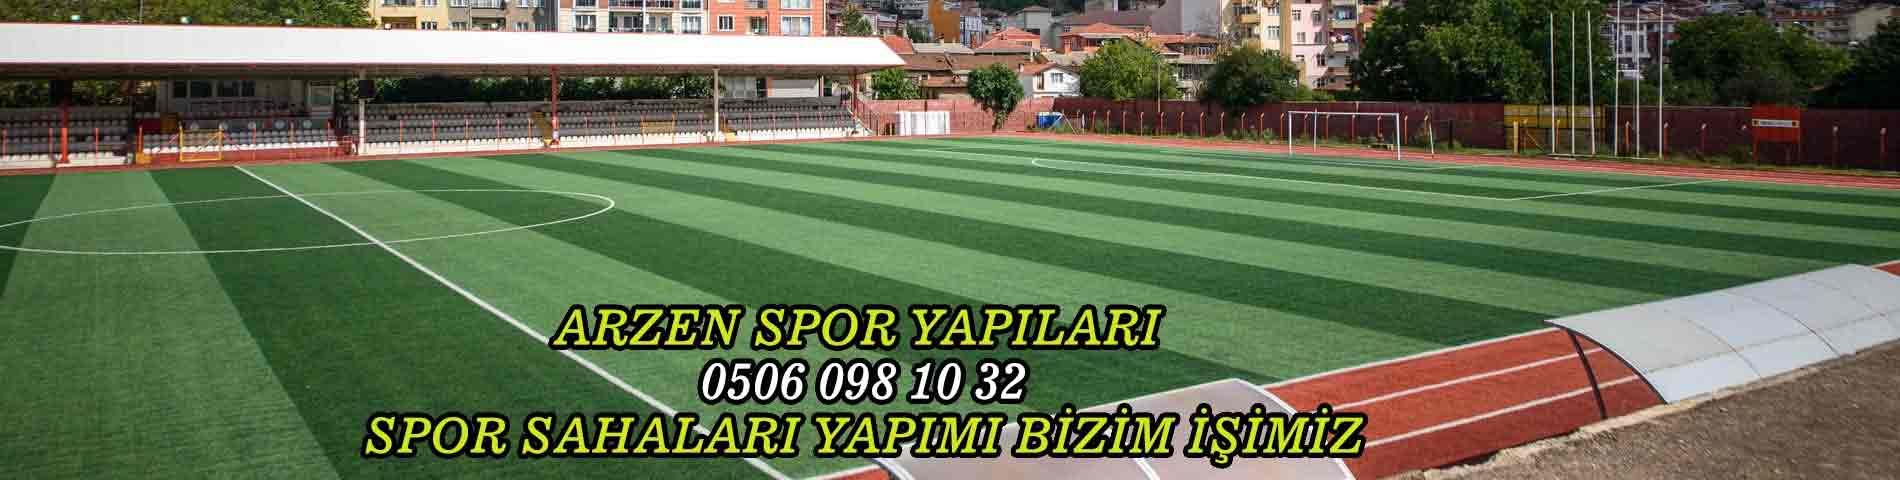 nizami futbol sahası yapım firması